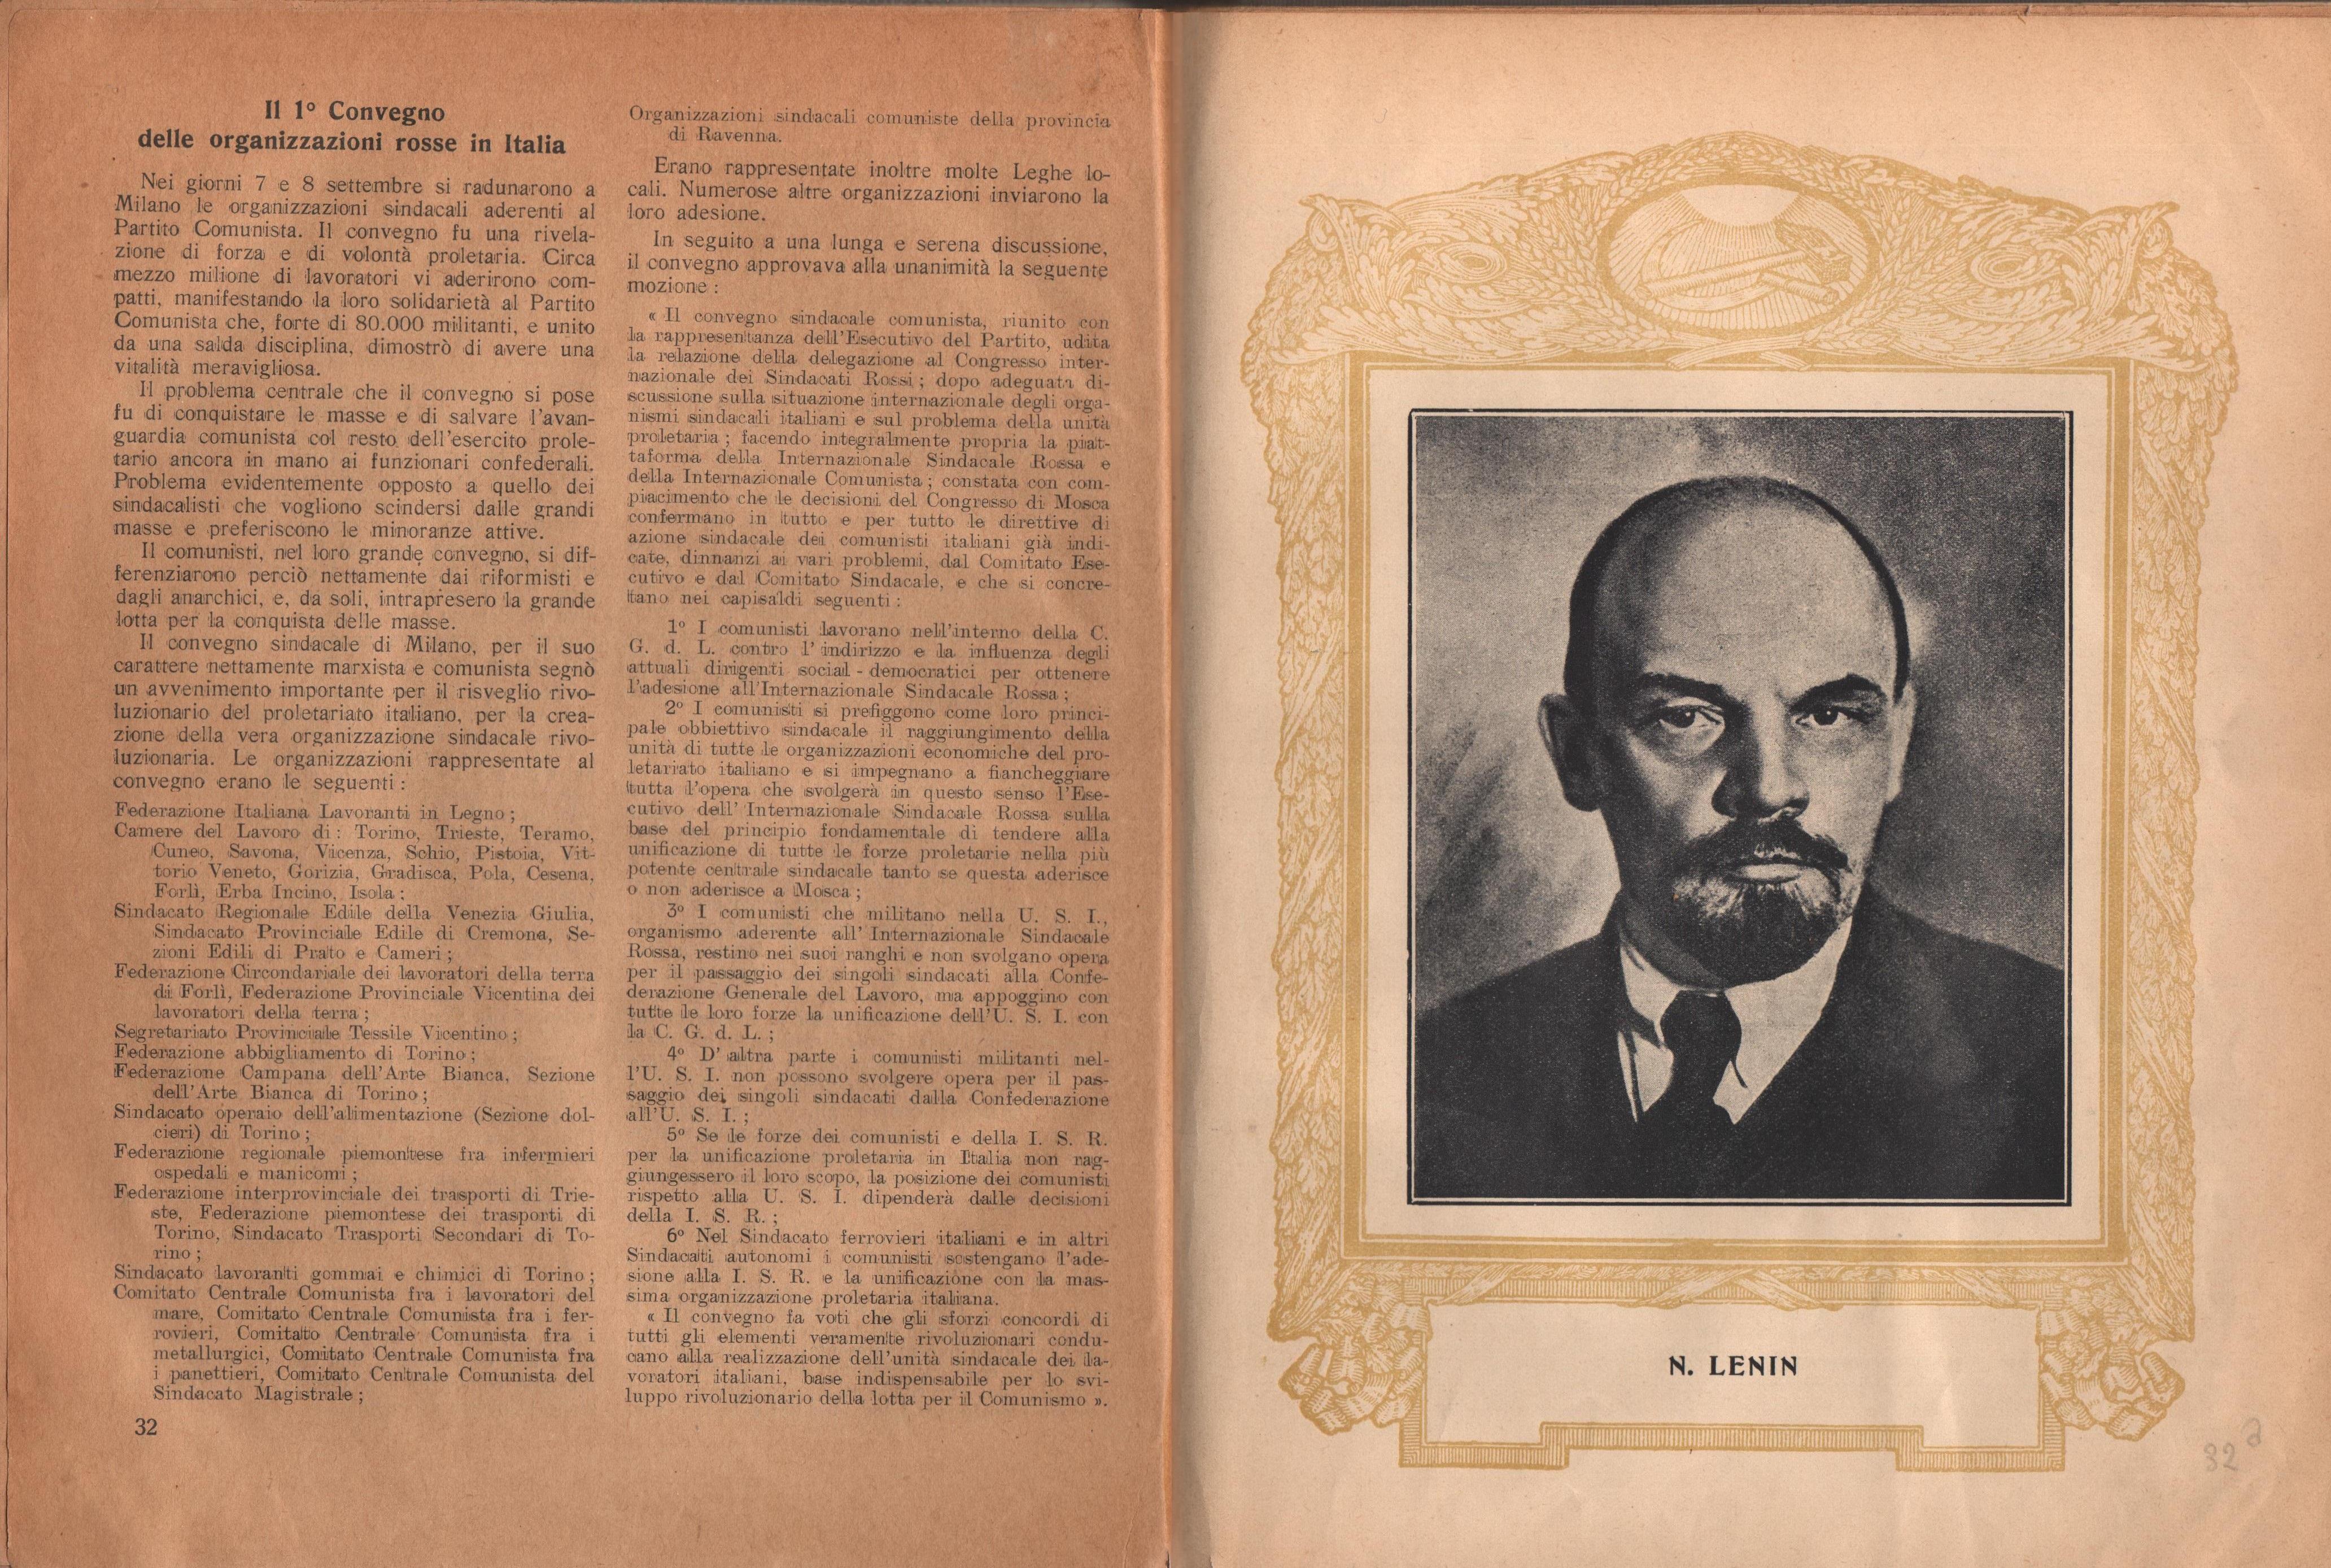 Almanacco comunista 1922 - pag. 19